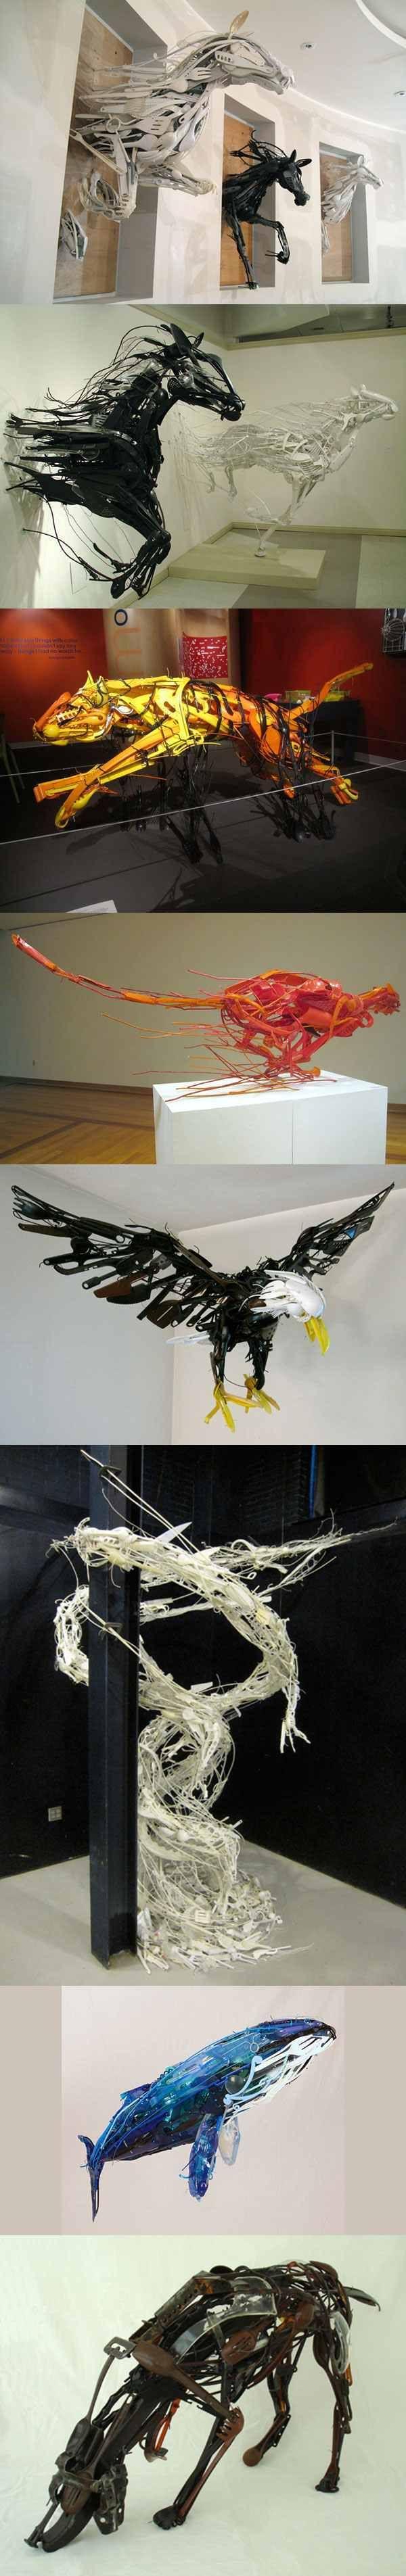 Sculpture recyclé | Sayaka Ganz